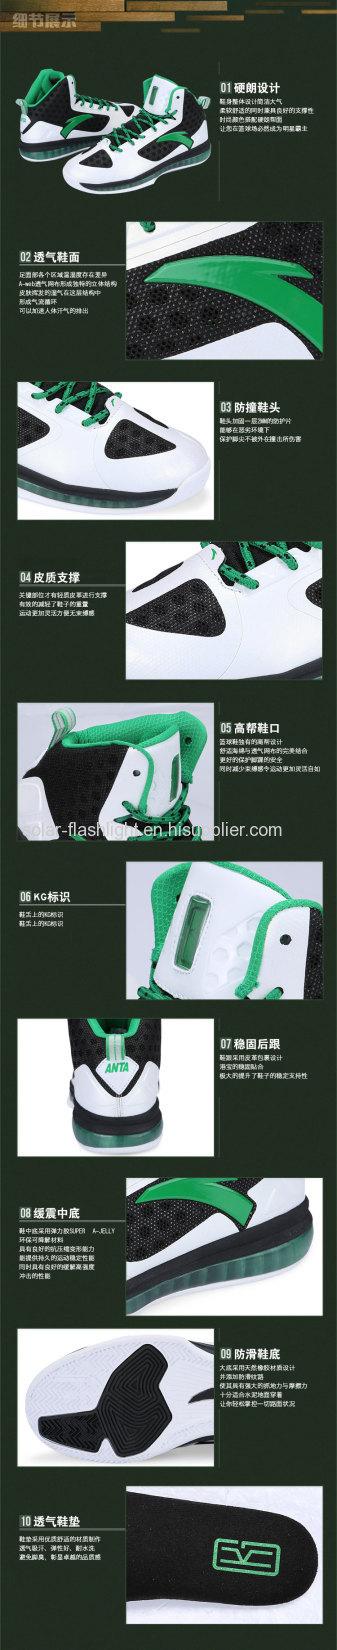 Elastic Force Comfortable Wear Resisting Anta Kgs No